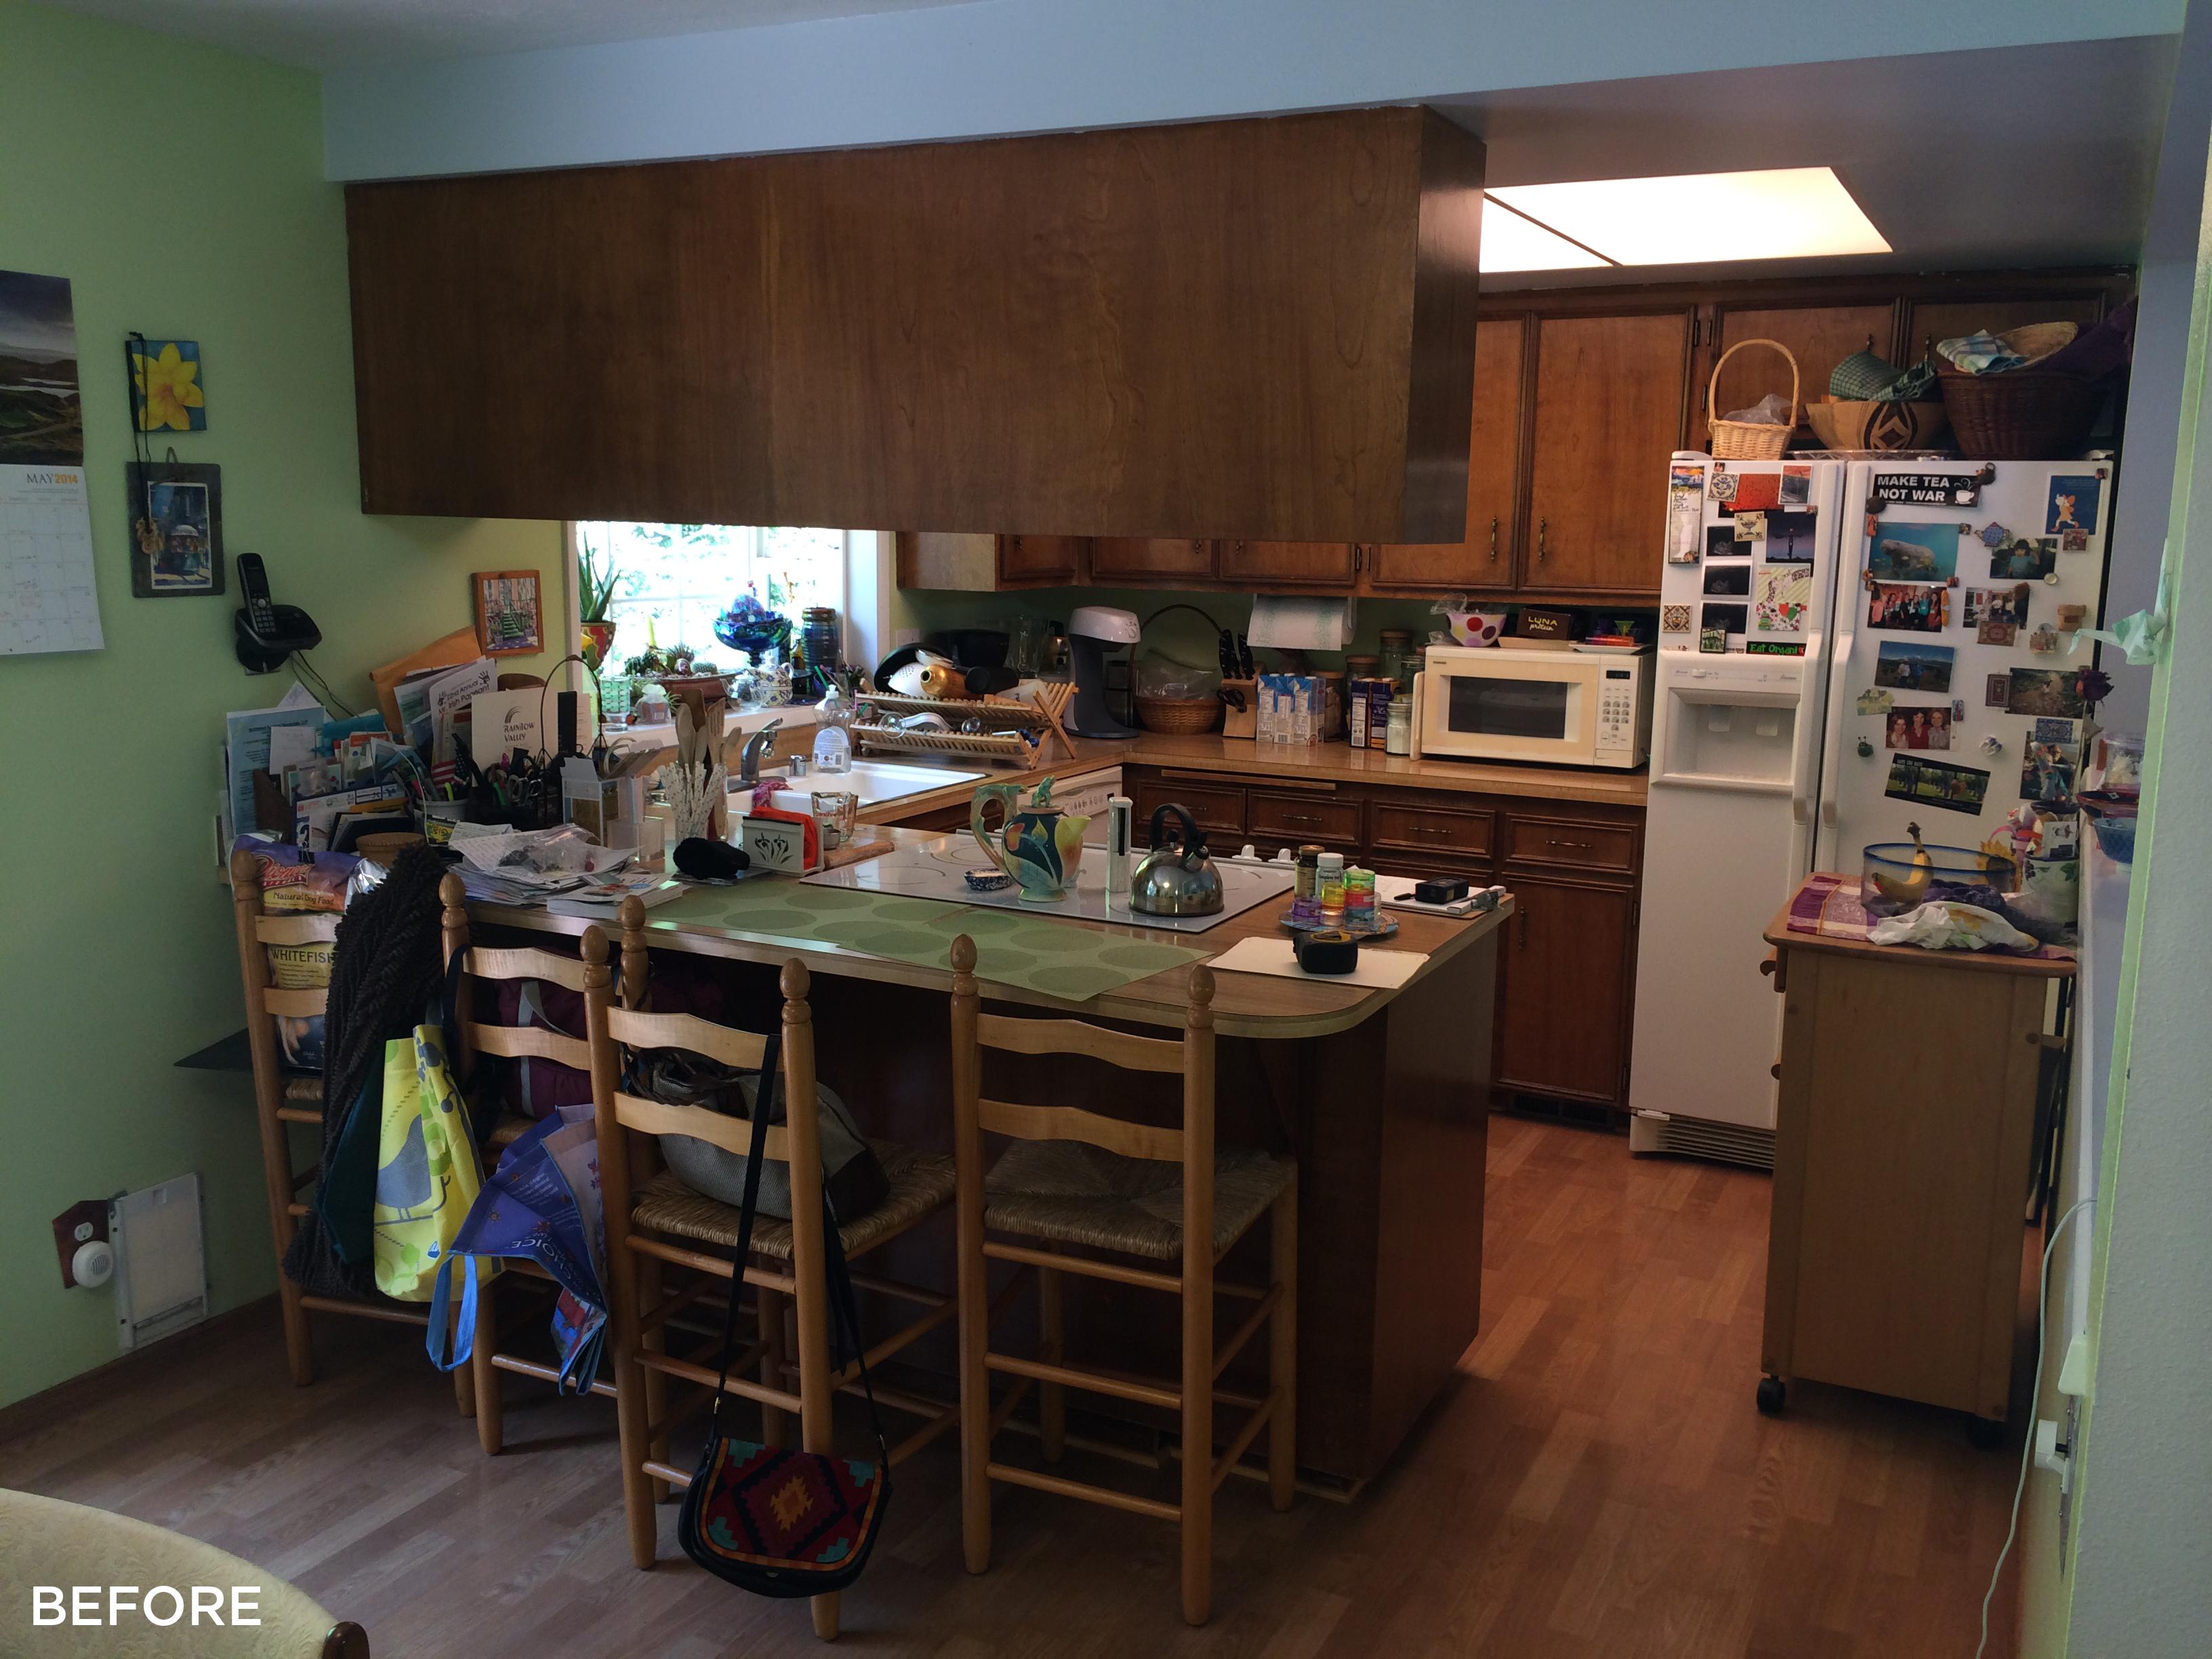 Schenck/Tate Kitchen Remodel Before